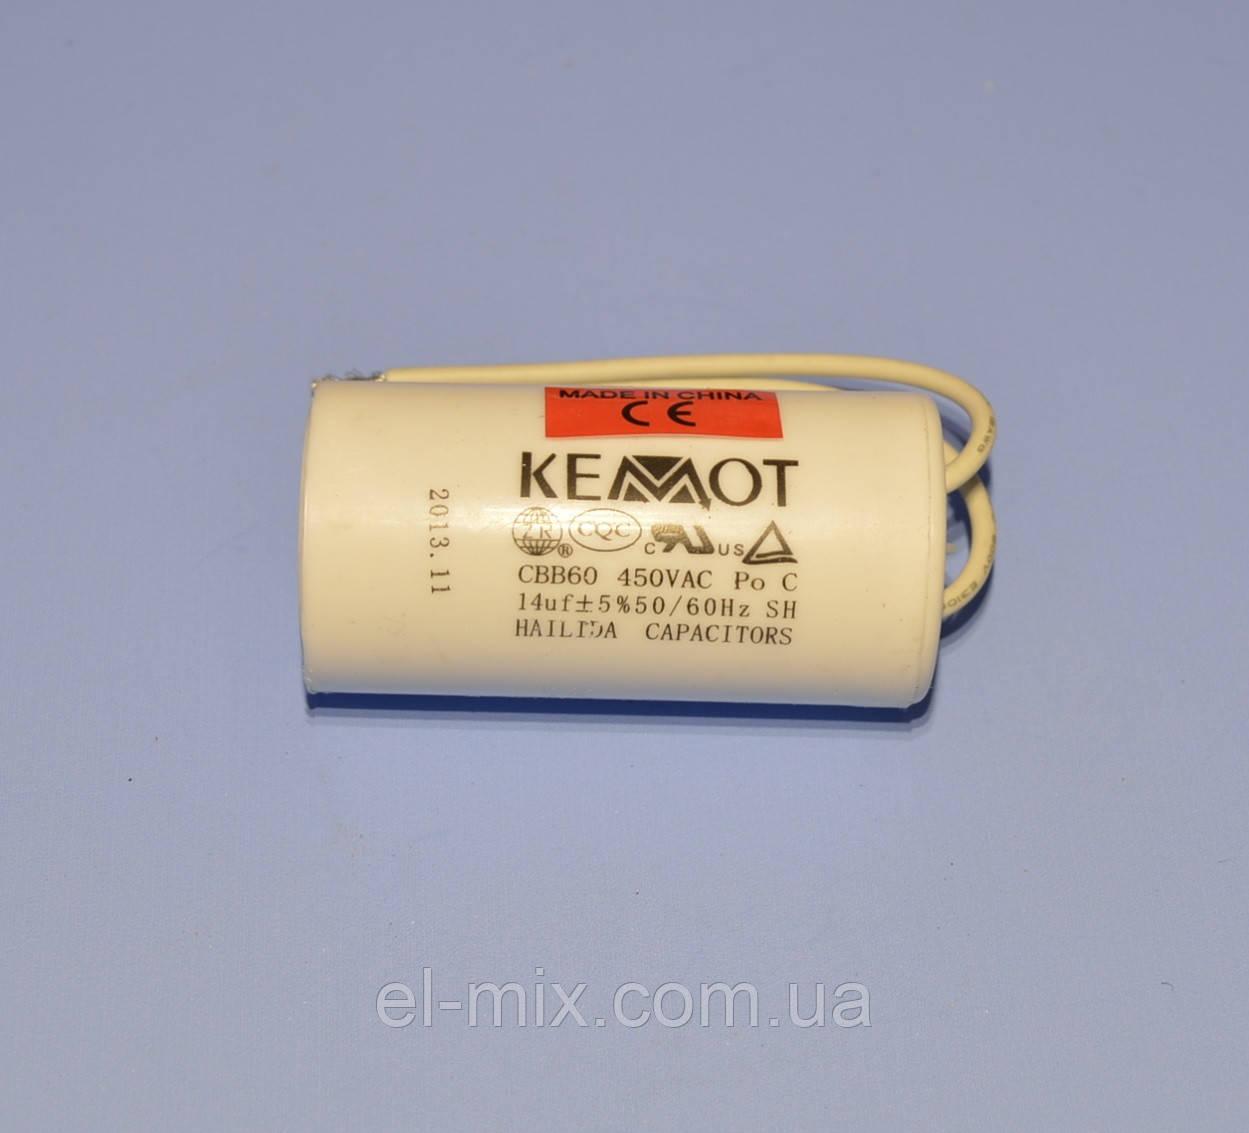 Конденсатор пуско-рабочий CBB-60  14µF 450VAC ±5% провода, 35*72мм  Kemot  URZ3131